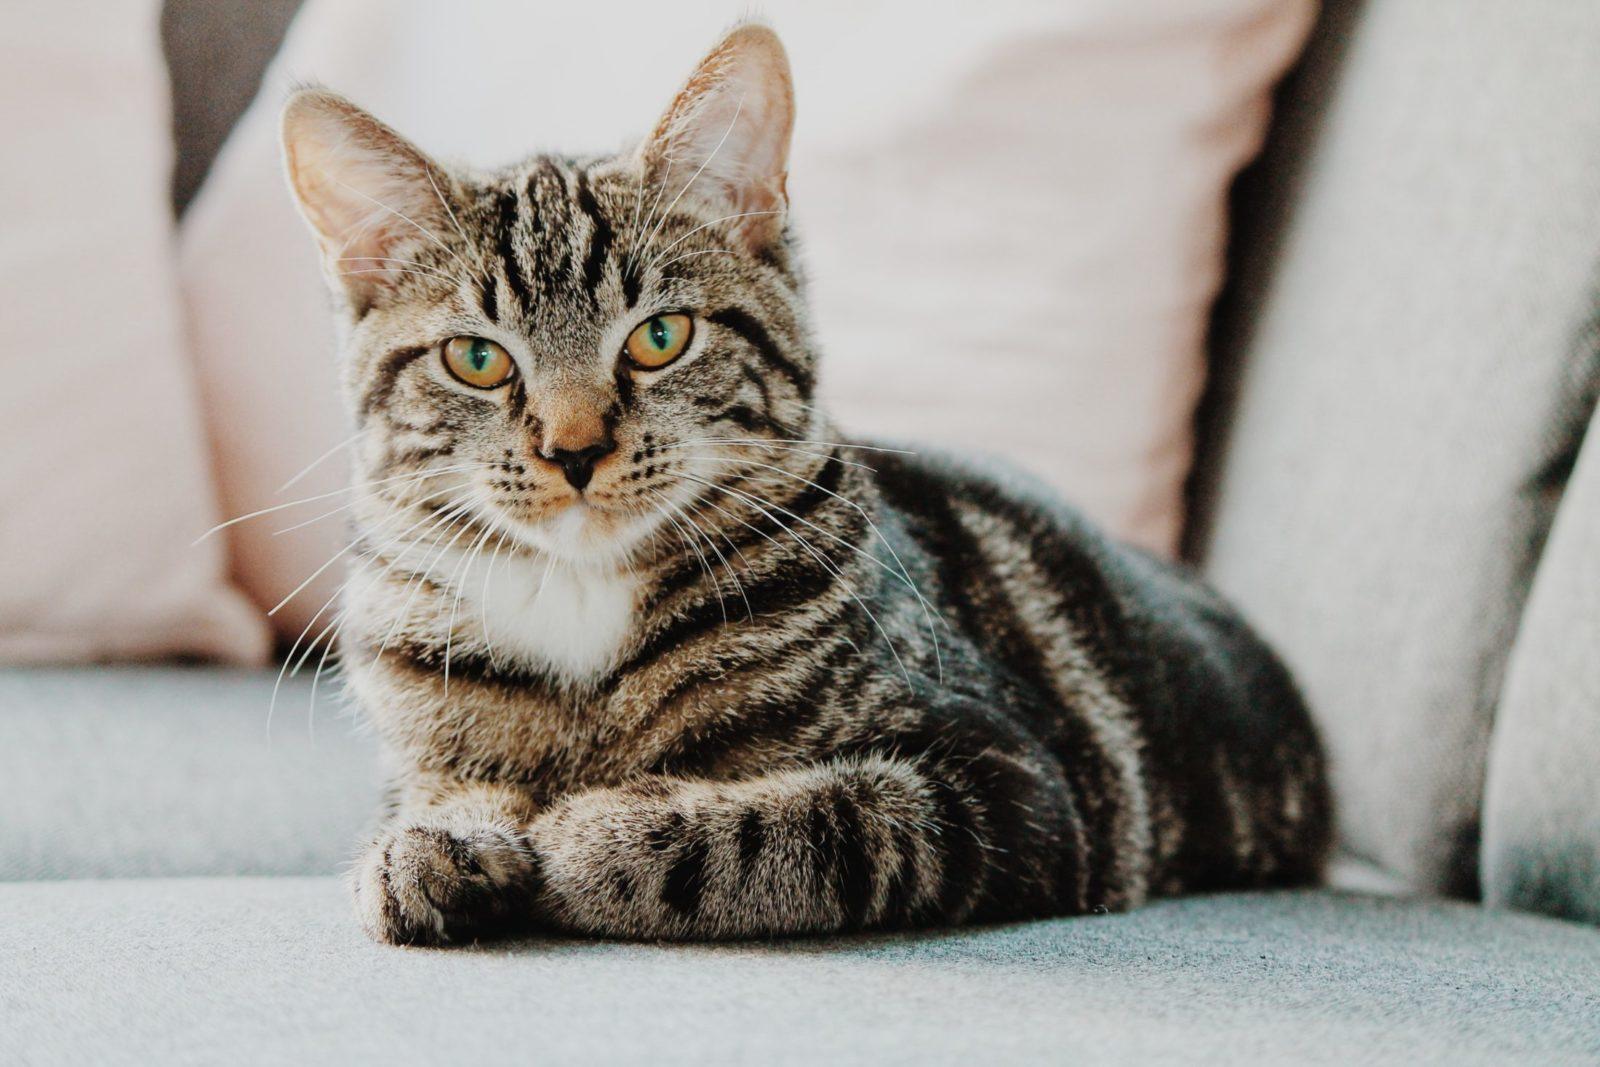 gatos miando em cima do sofá